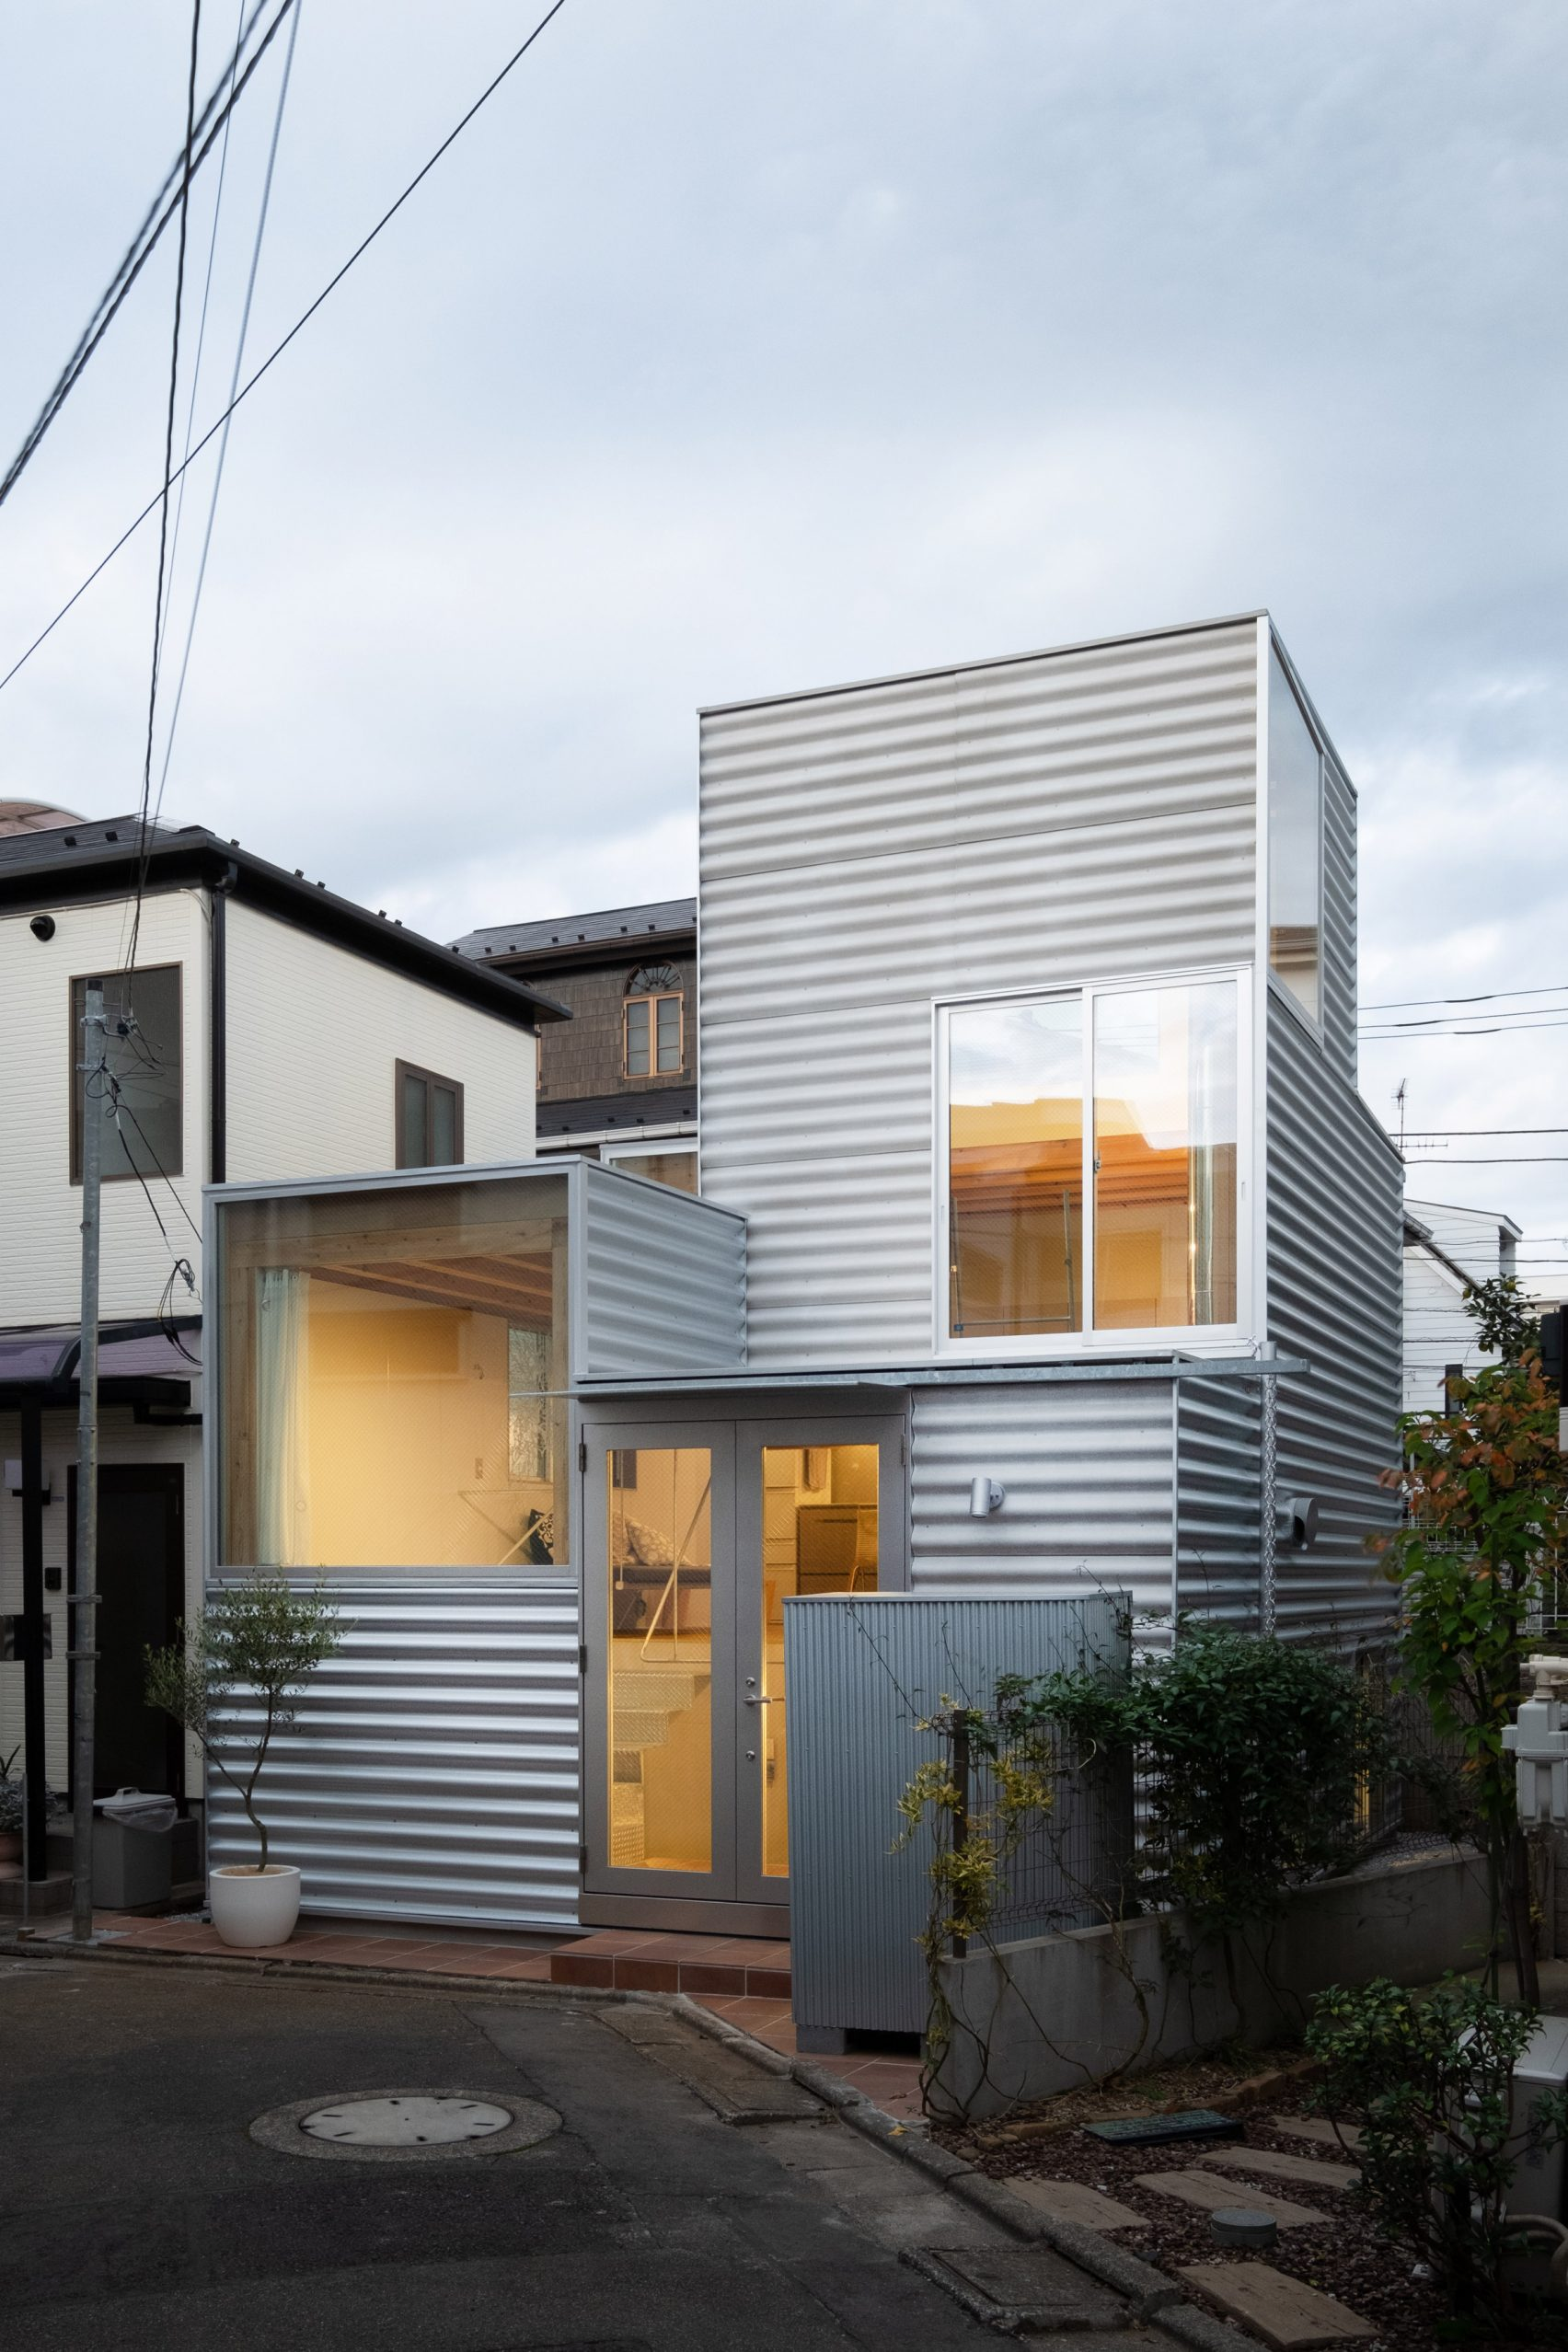 RUMAH 26 METER PERSEGI DI TENGAH IBU KOTA ARCHITECTURE DESIGN INTERIOR TOKYO JAPAN DSGNTALK 21